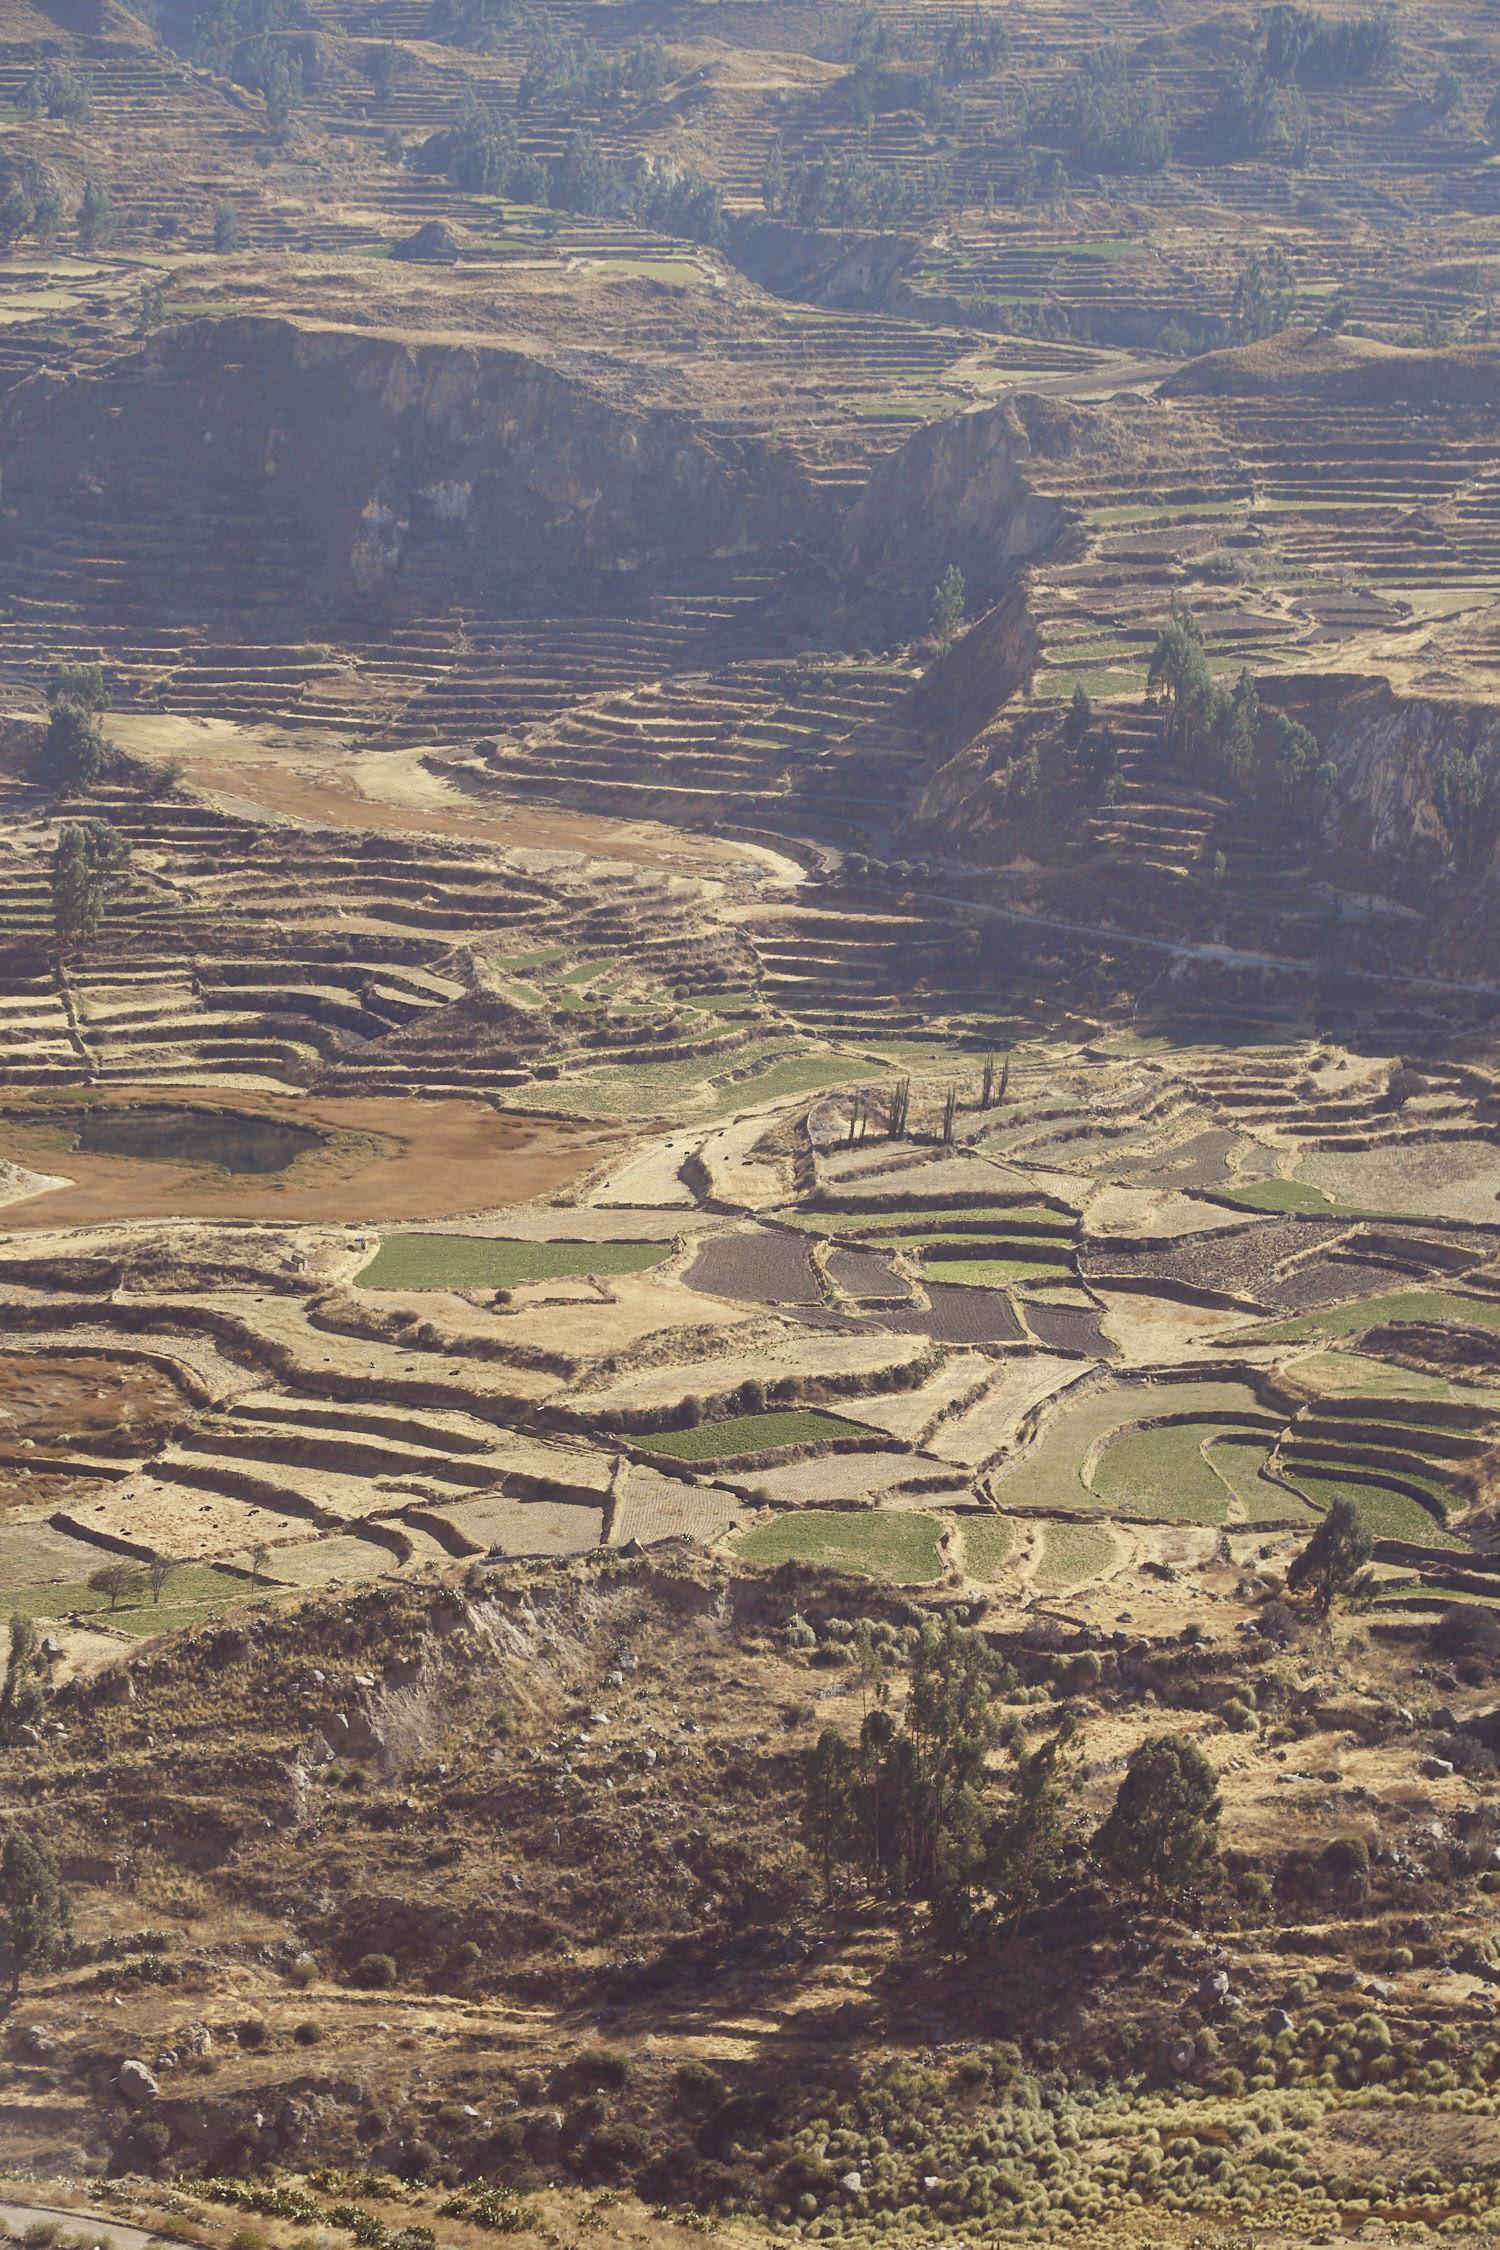 Die wunderbaren Terrassen, die man auf dem Weg zum Colca Canyon in Peru sieht